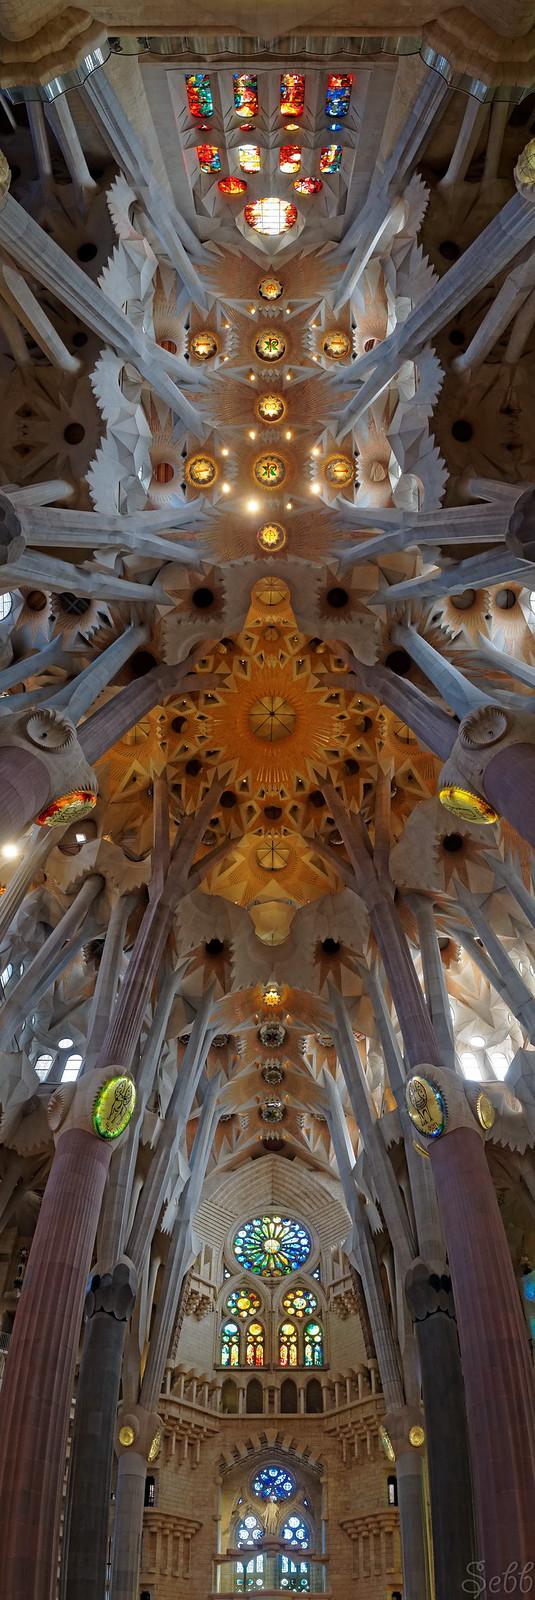 Sagrada vertigineuse 19511691161_e52bff91dc_h